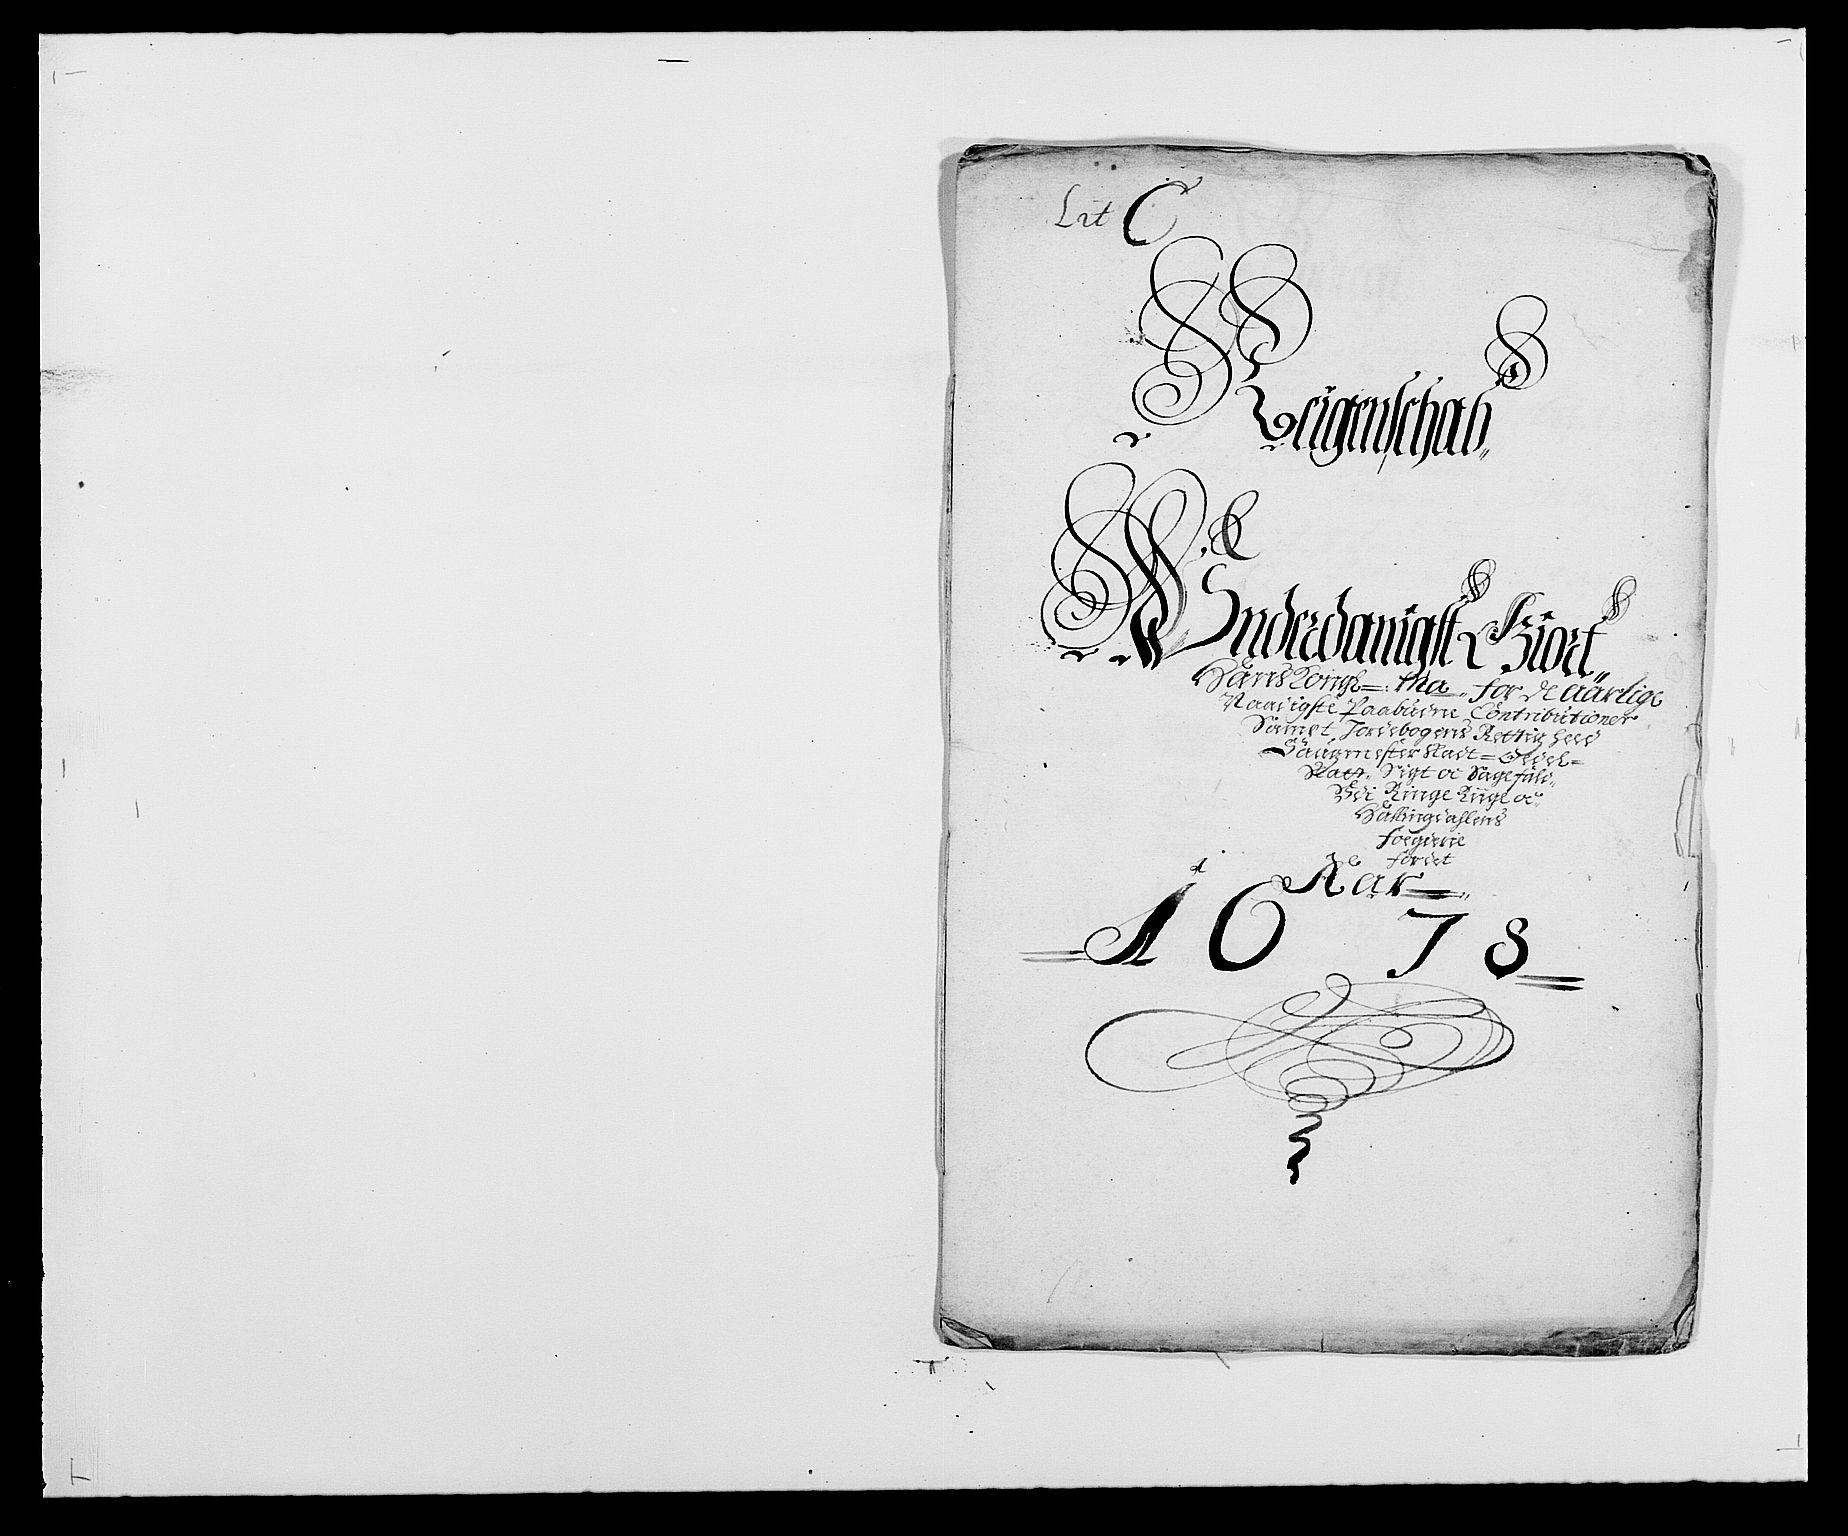 RA, Rentekammeret inntil 1814, Reviderte regnskaper, Fogderegnskap, R21/L1443: Fogderegnskap Ringerike og Hallingdal, 1678-1680, s. 33